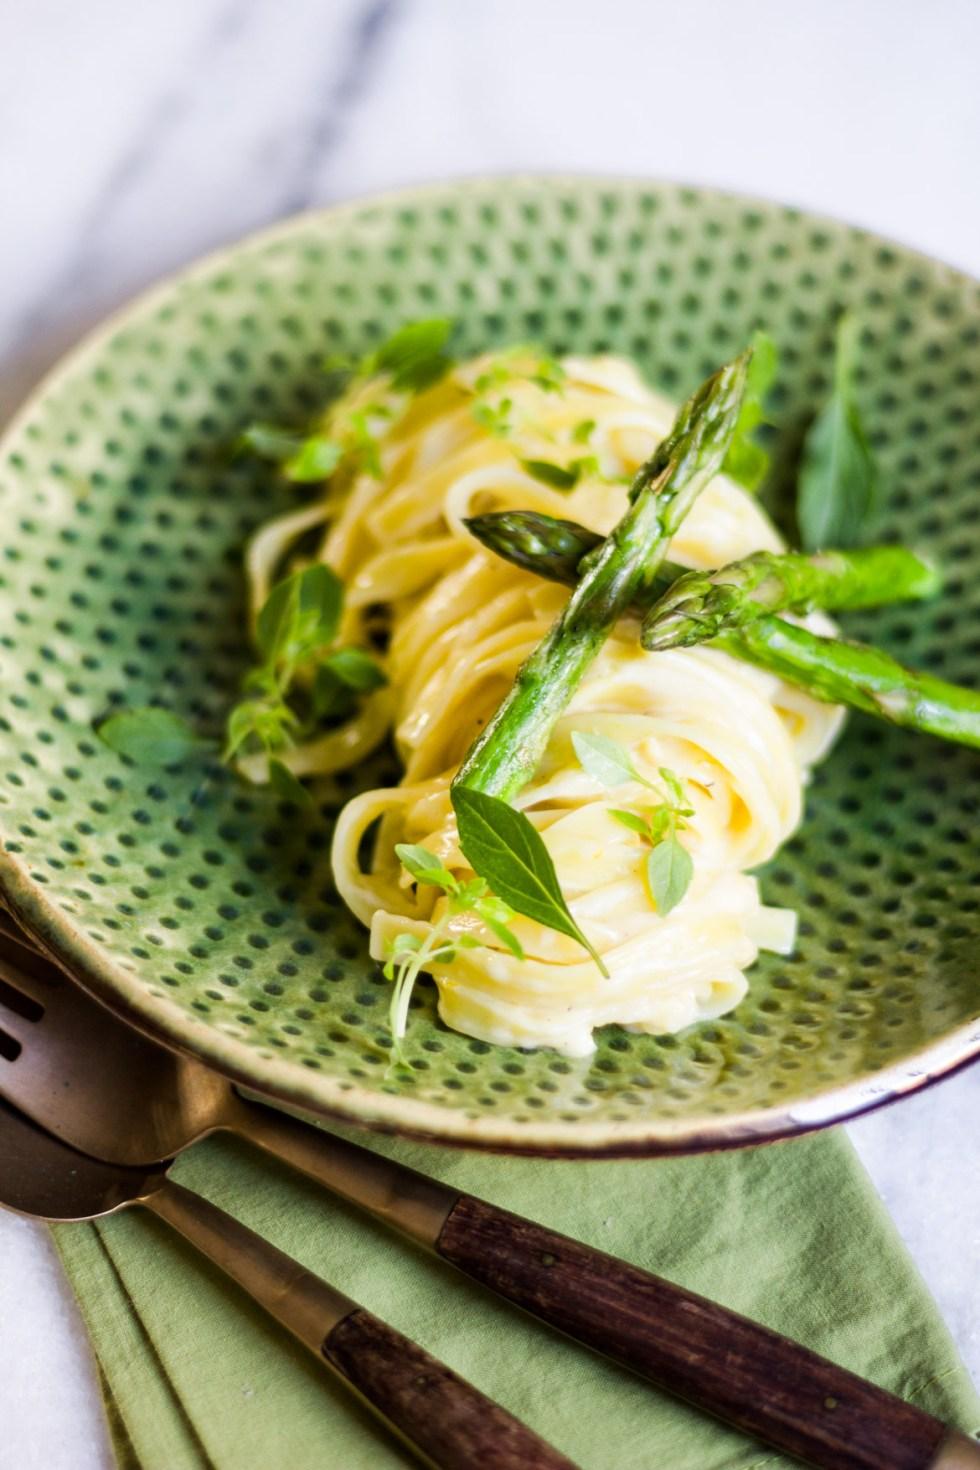 Fettuccine ao limão com aspargos grelhados